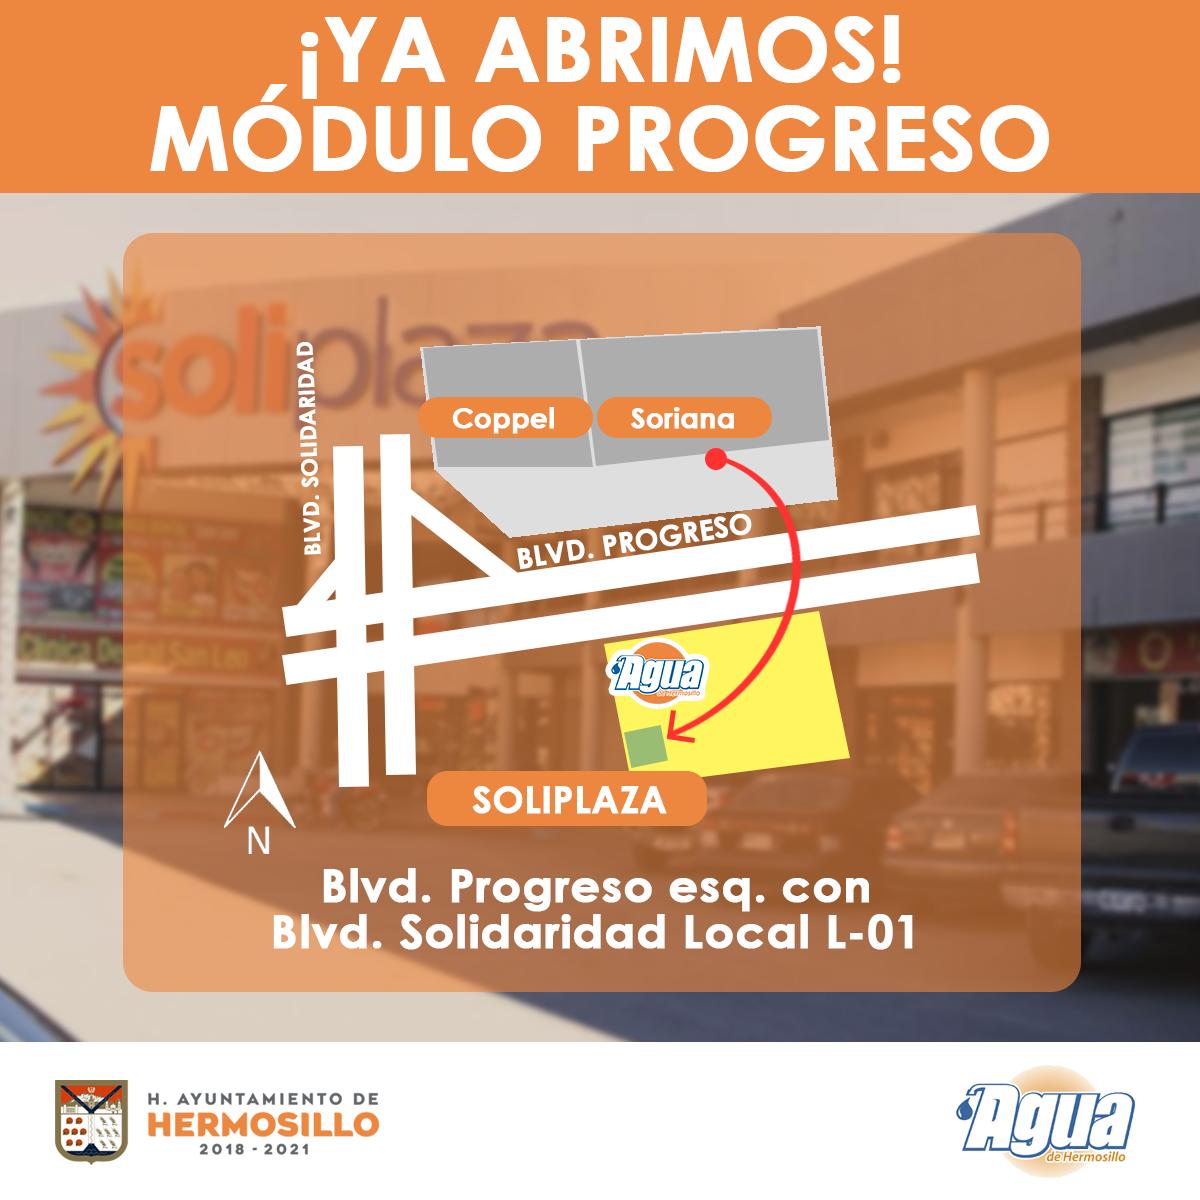 Agua De Hermosillo Boletín 153 Apertura De Módulo